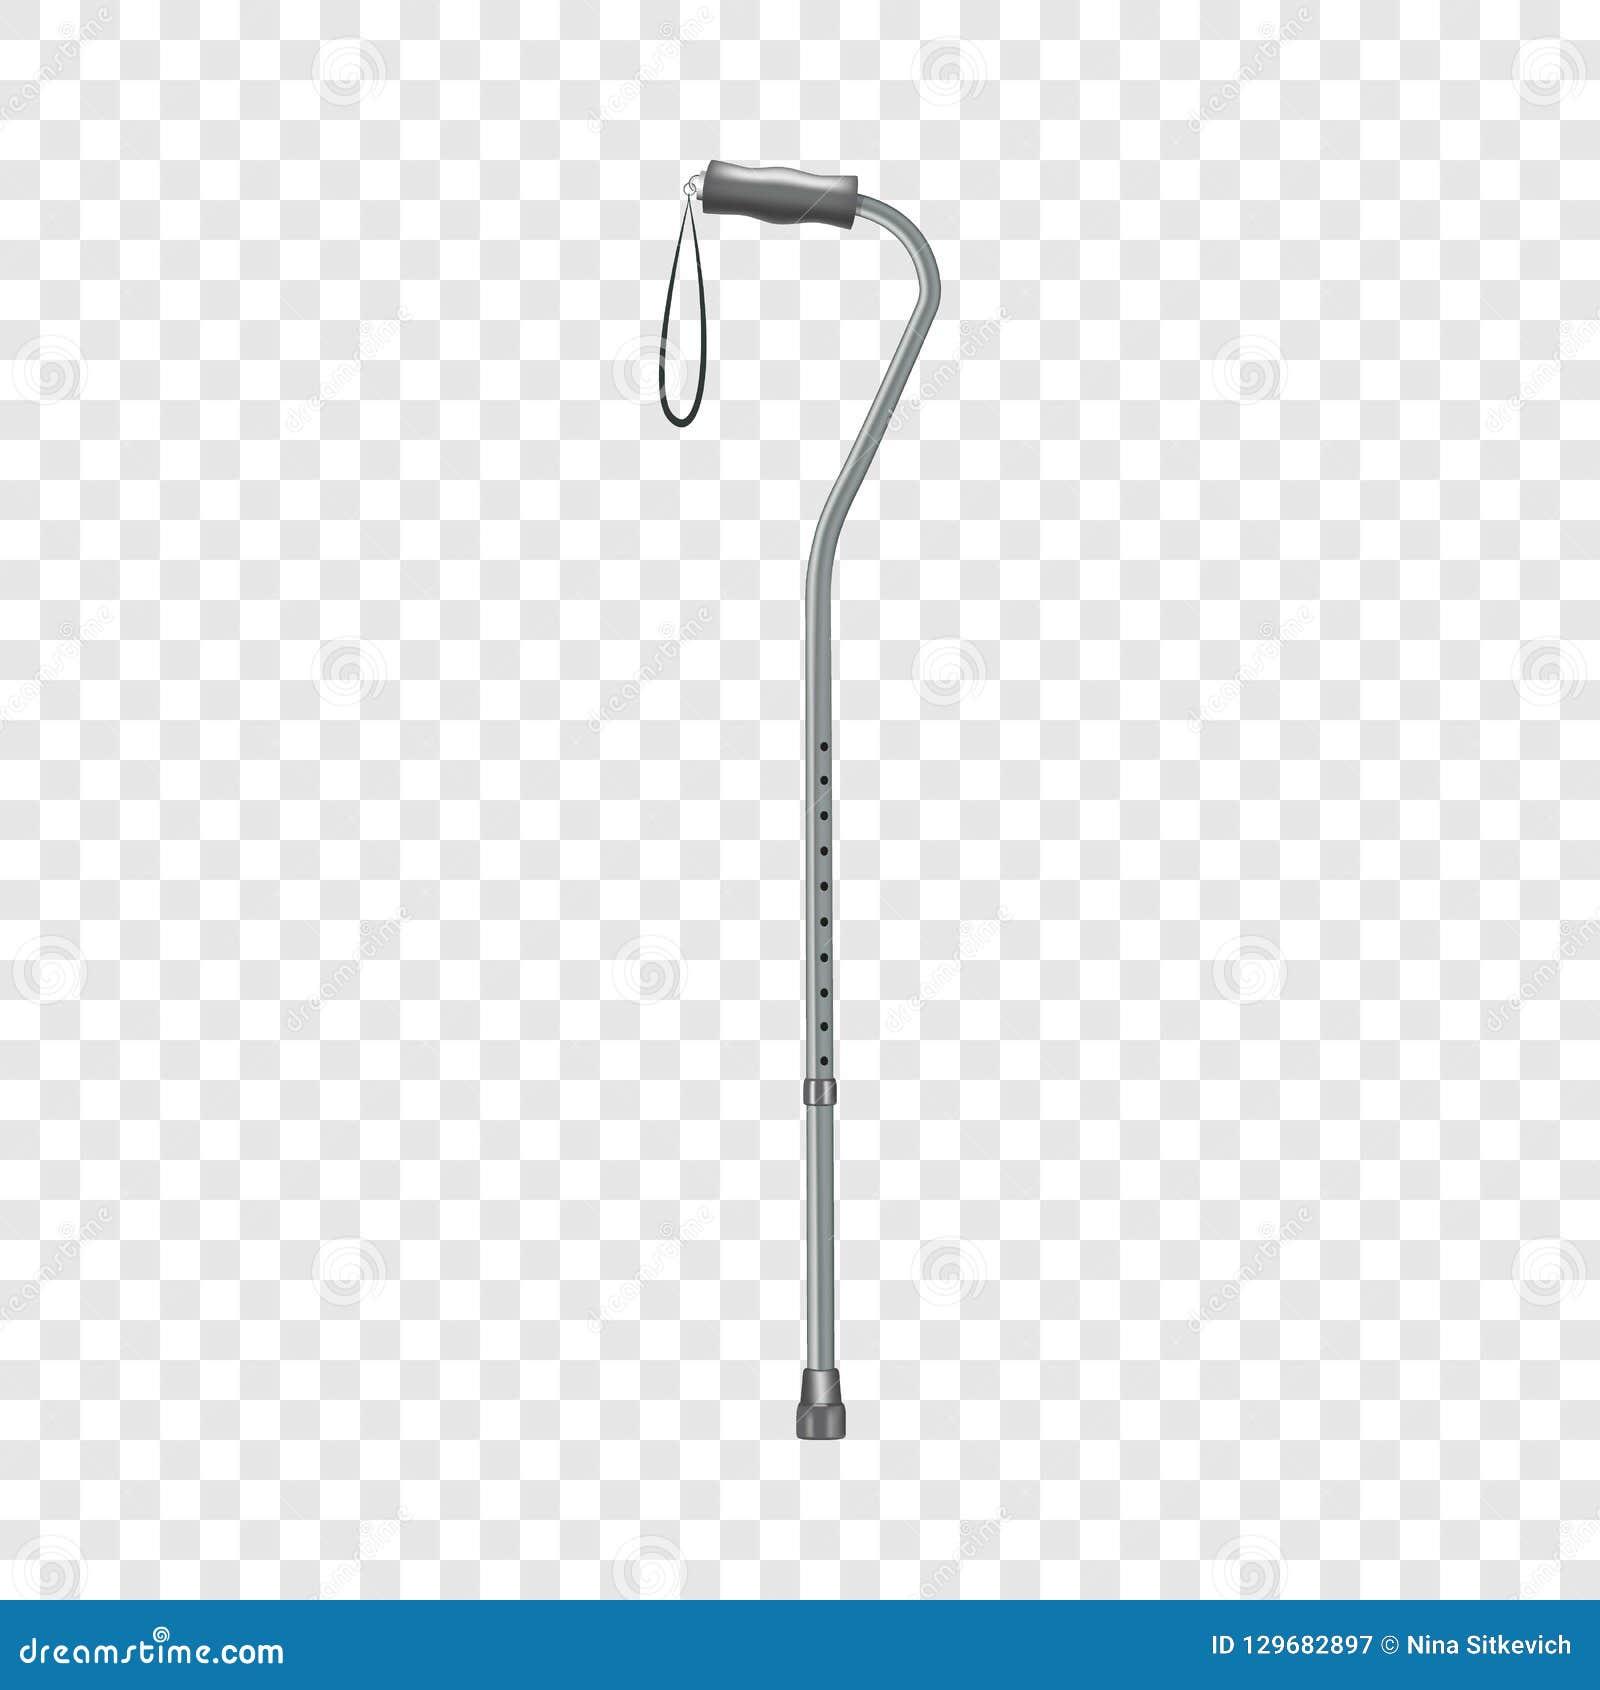 Icona del bastone da passeggio, stile realistico